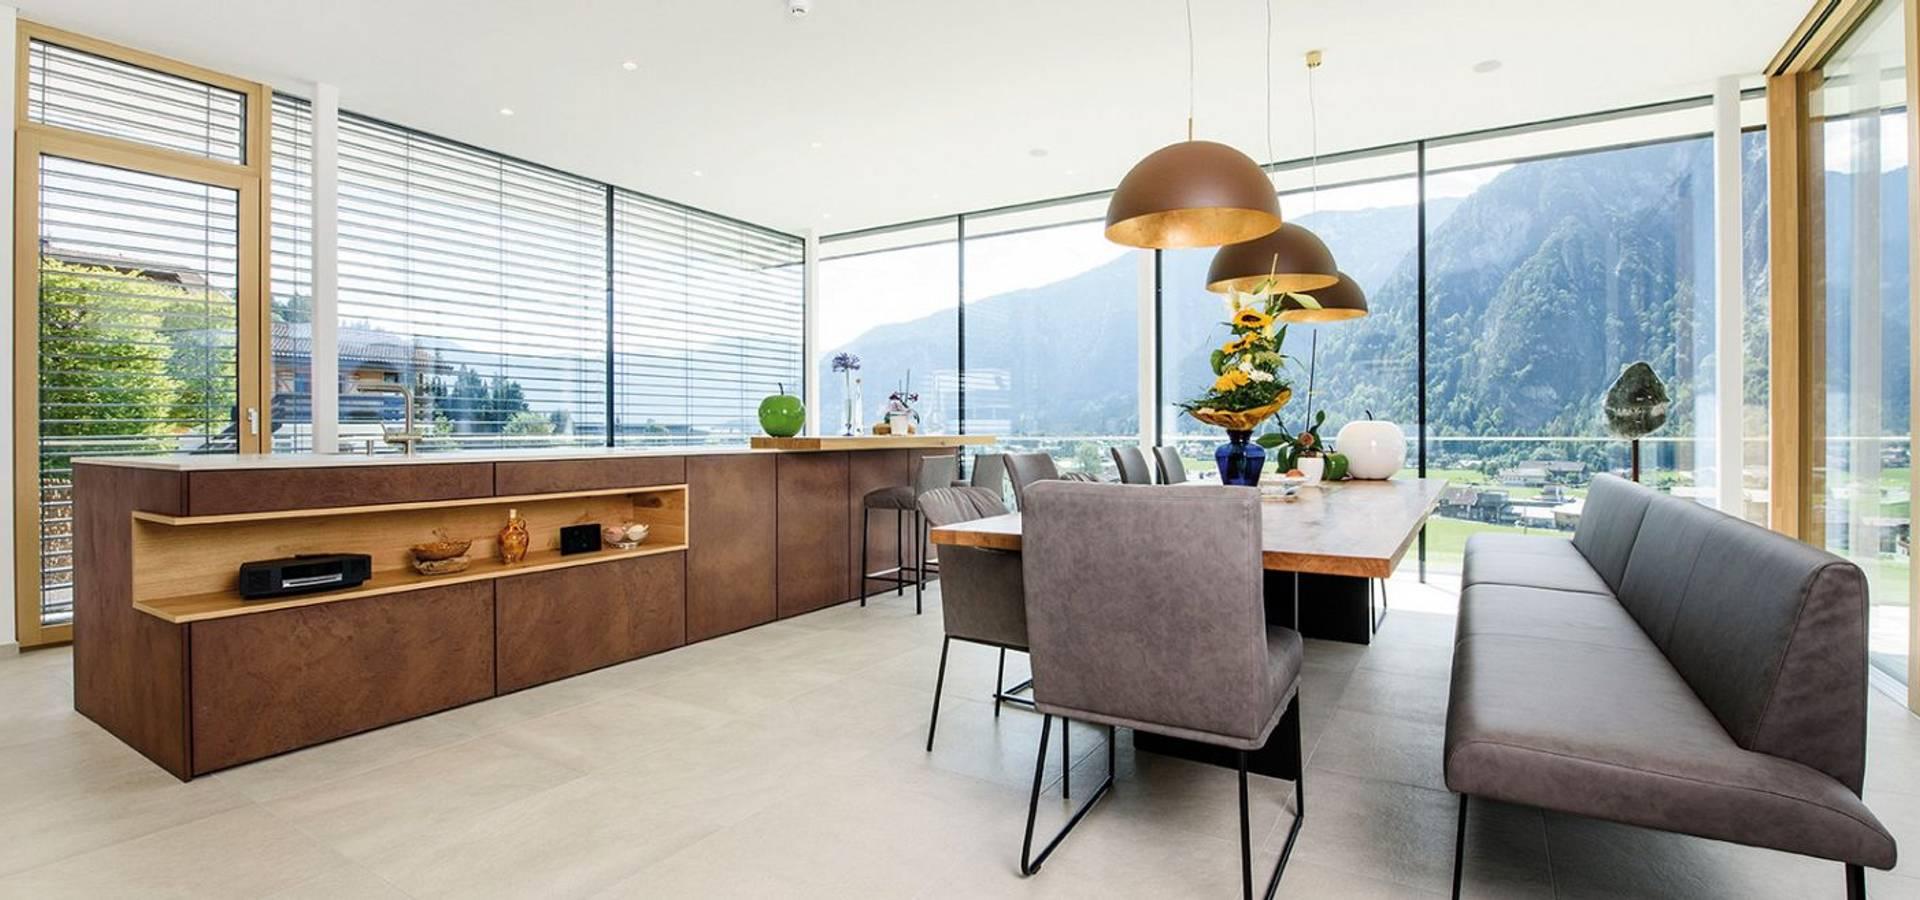 bestes produkt des jahres 2017 leicht k chen von k chen design thomas m ller das. Black Bedroom Furniture Sets. Home Design Ideas